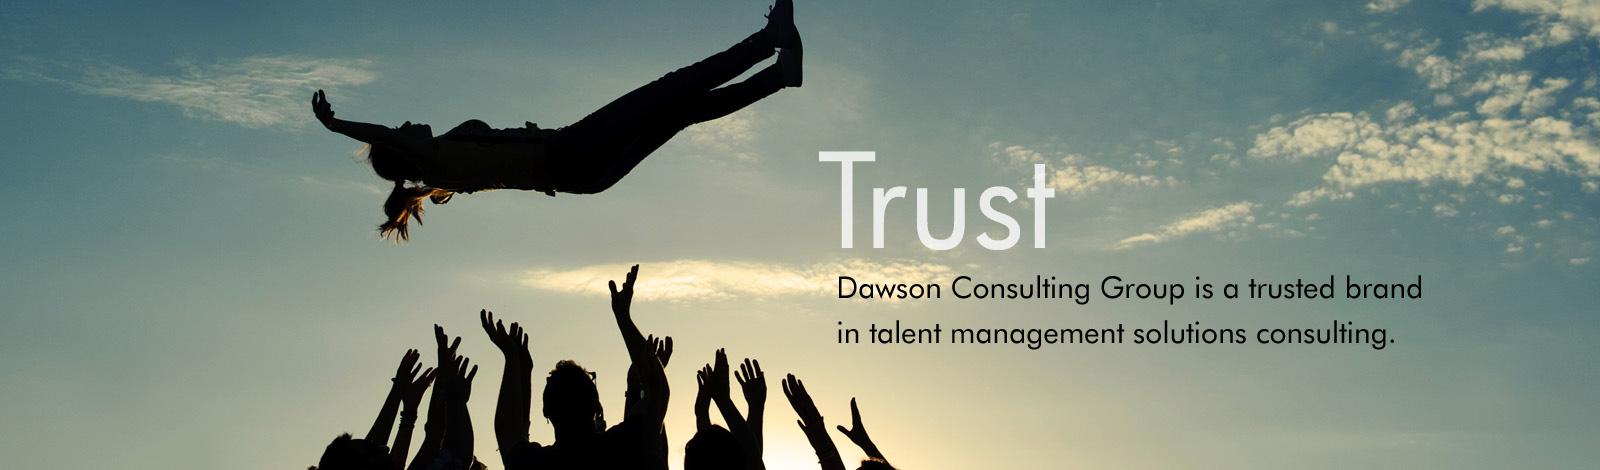 slideDAWSON_trust